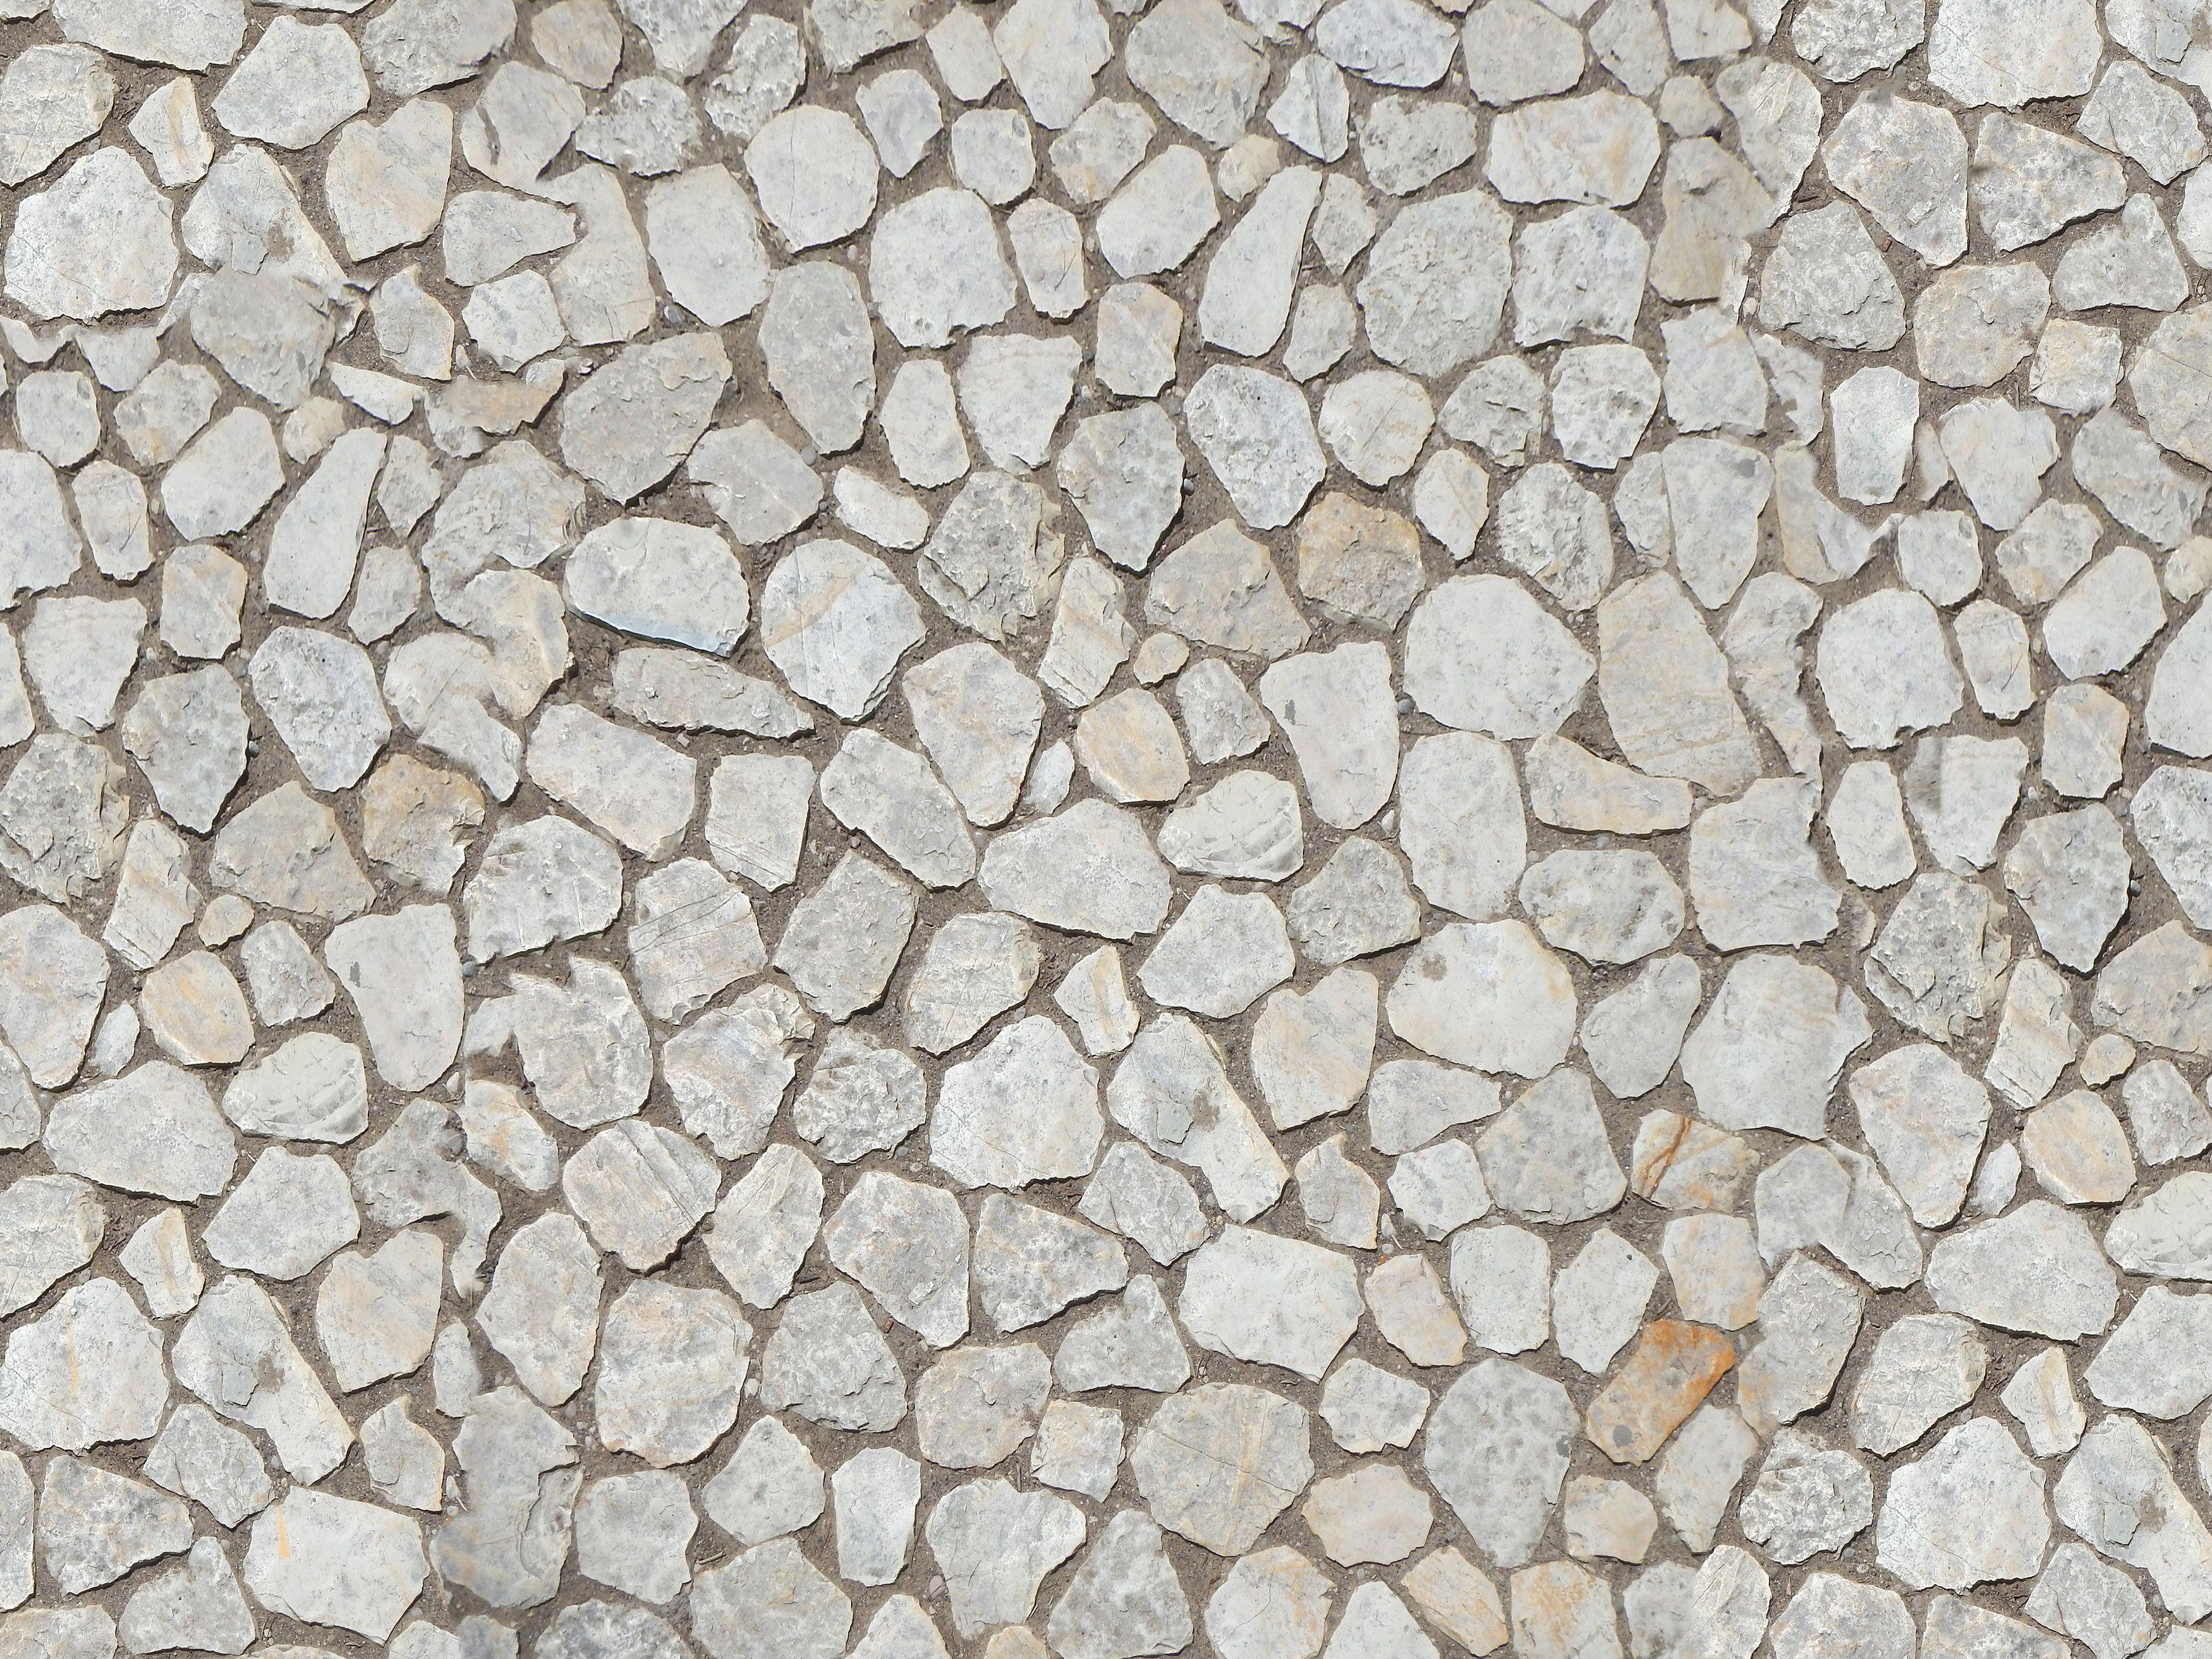 Keien Mozaiek Google Zoeken Stone Flooring Stone Floor Texture Stone Texture